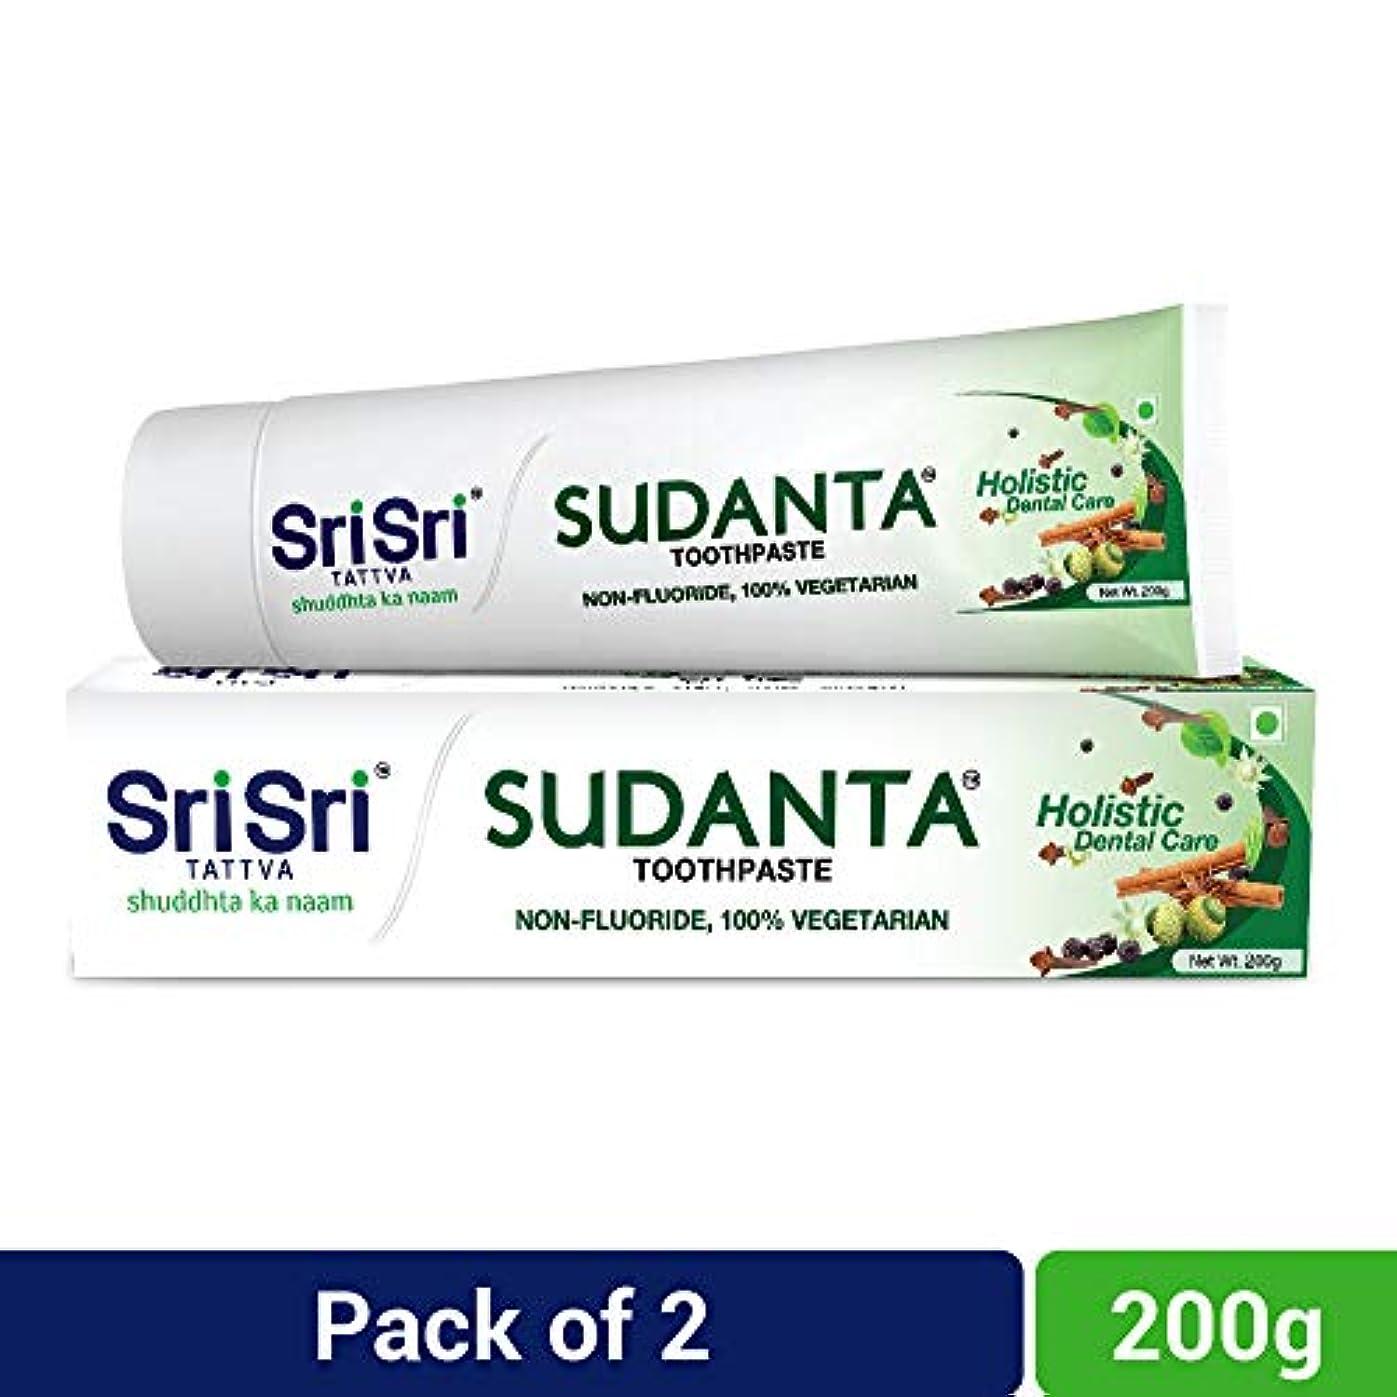 タッチ花嫁差Sri Sri Tattva Sudanta Toothpaste (200 g) Pack of 2